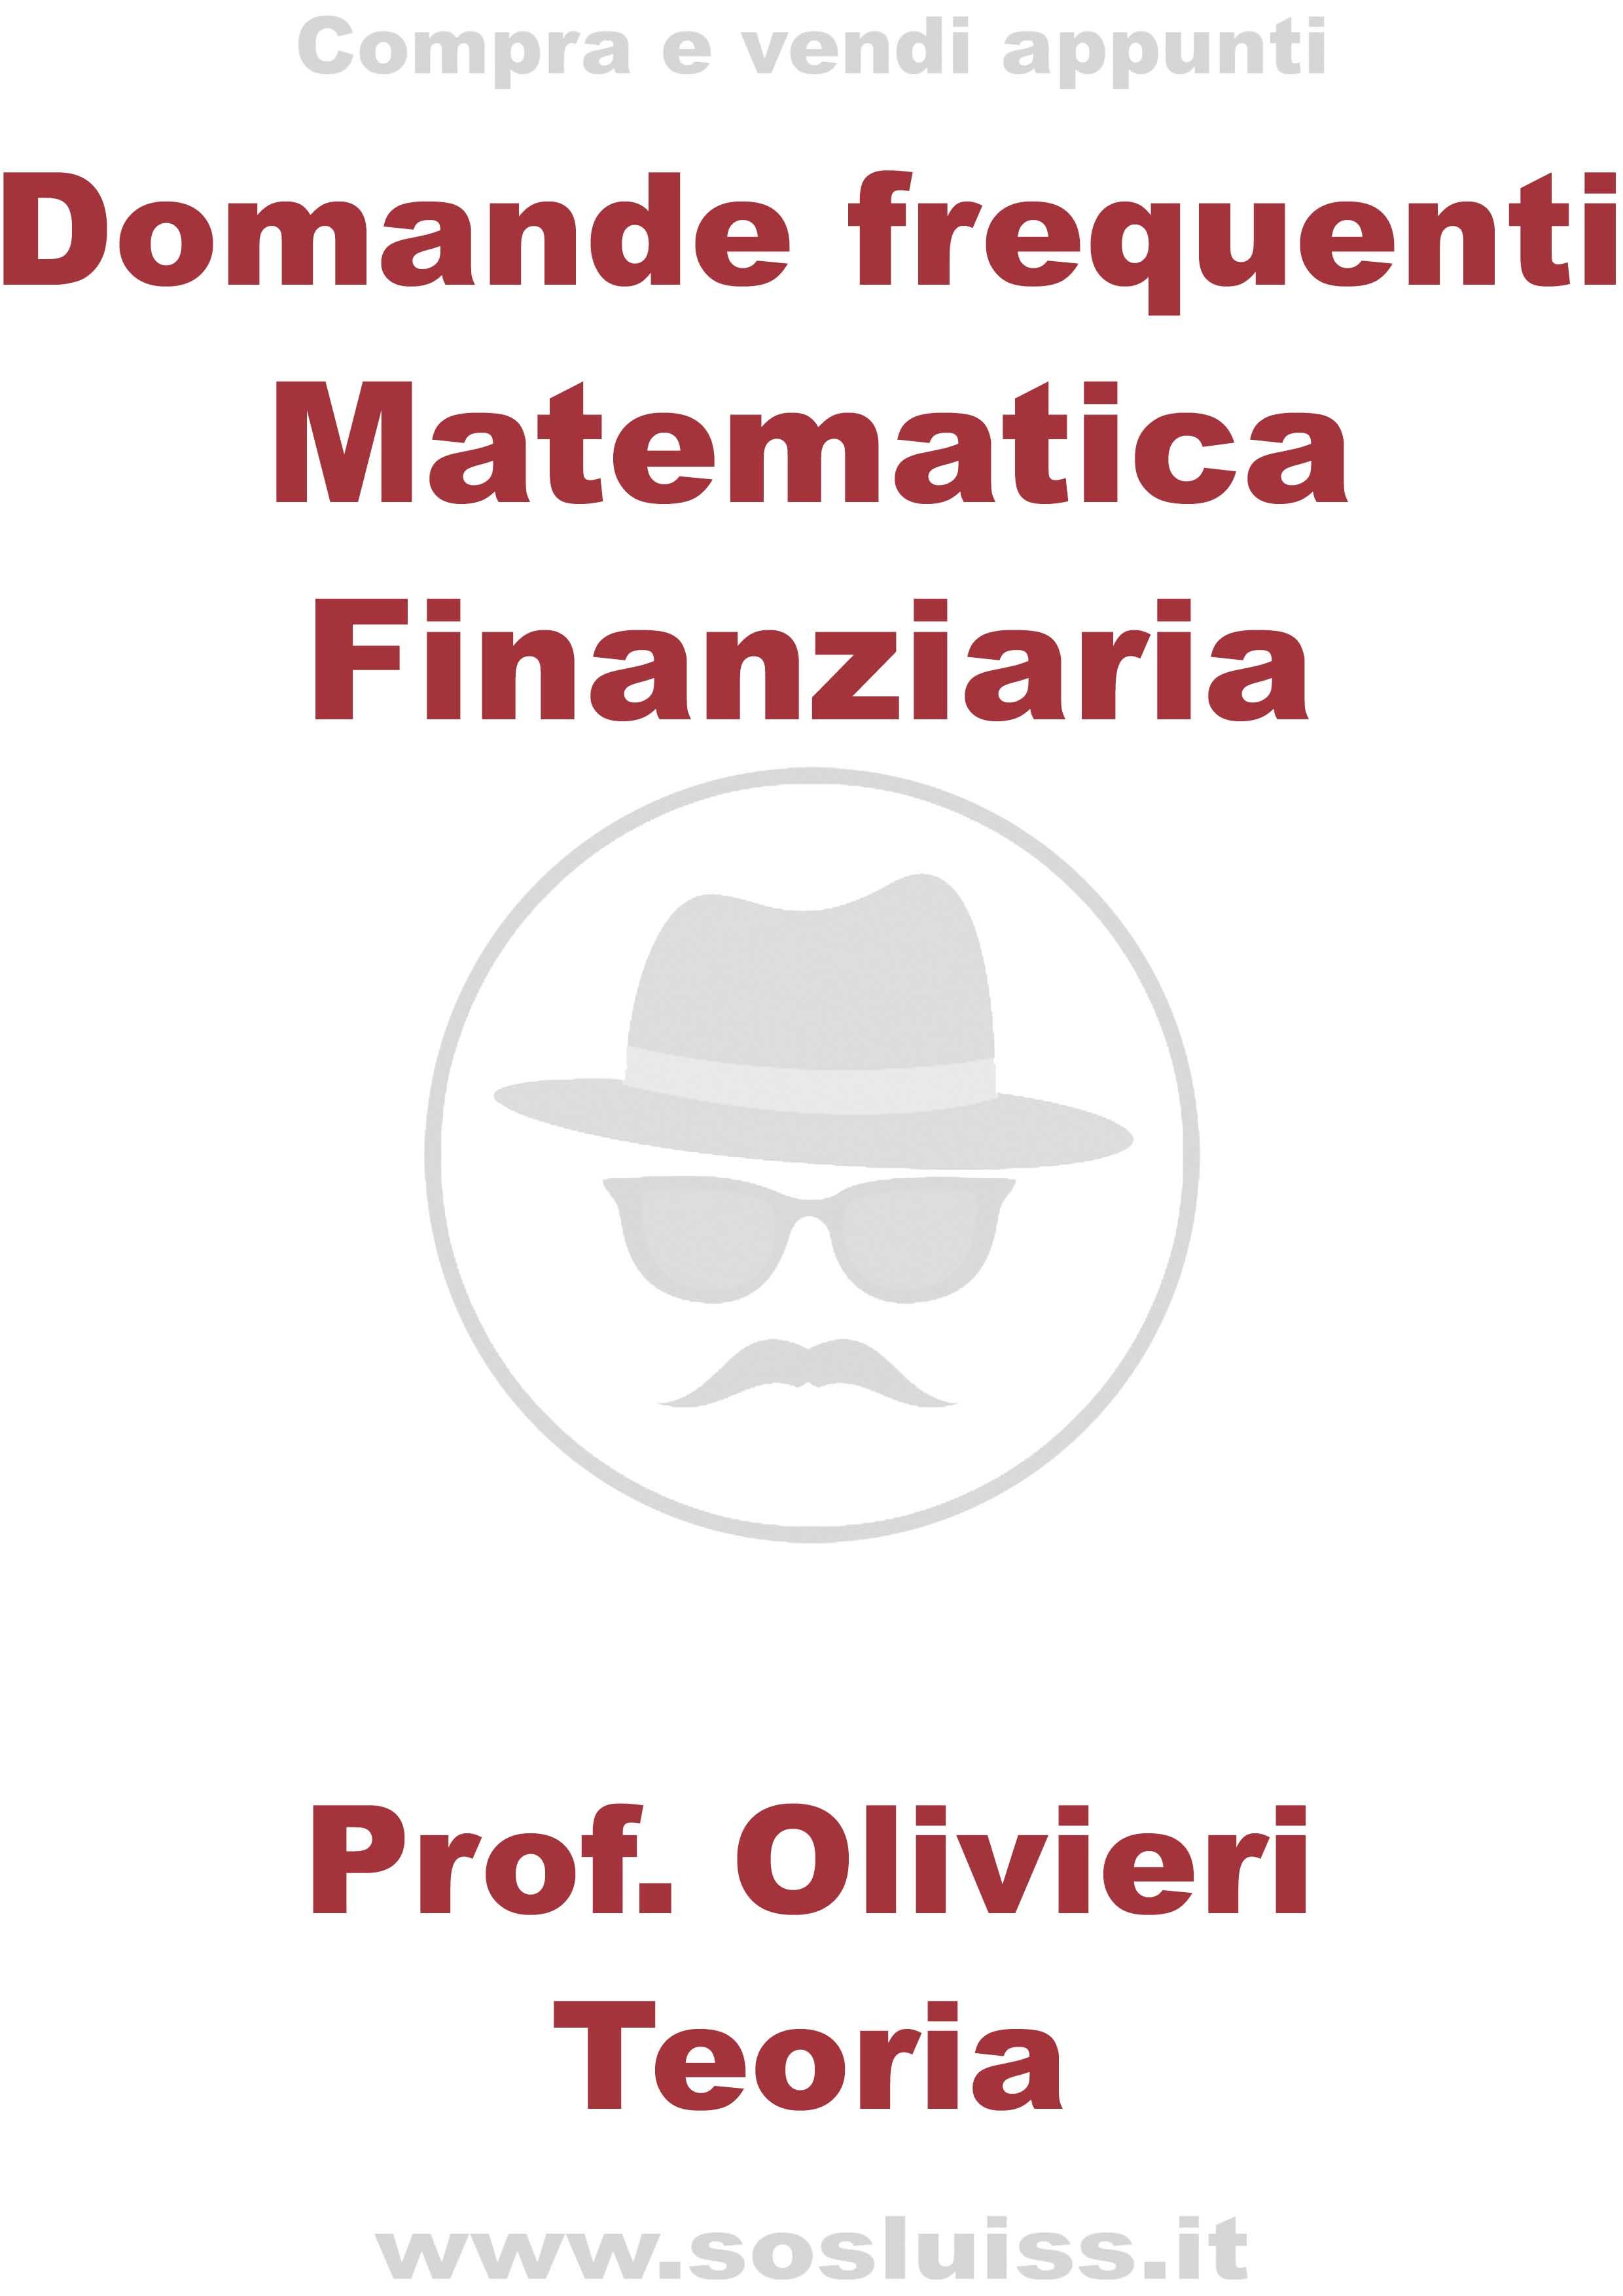 Domande frequenti orale Matematica Finanziaria   I ...